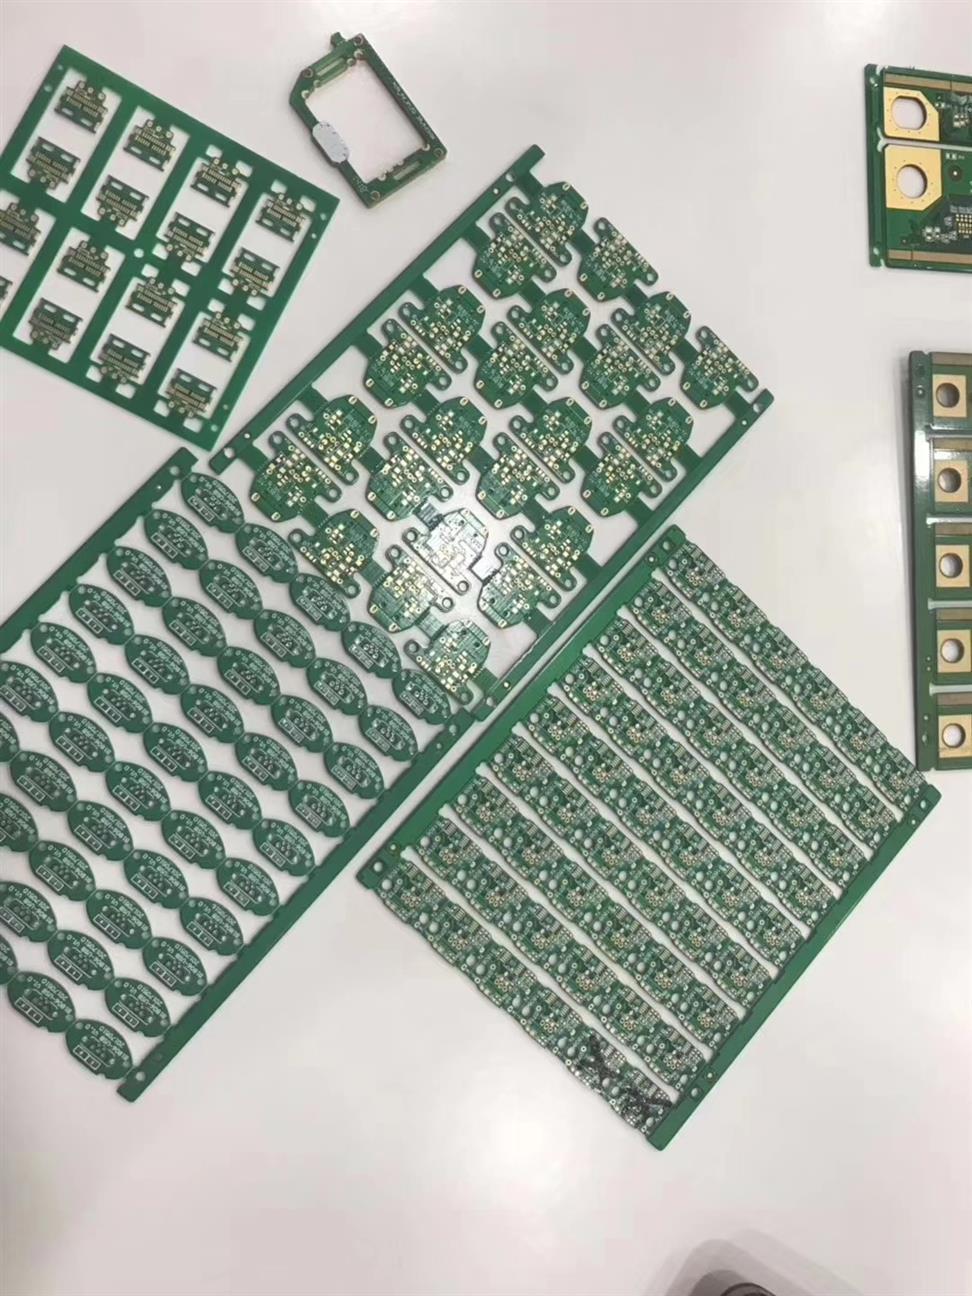 上海高频通信PCB设计开发 在线免费咨询